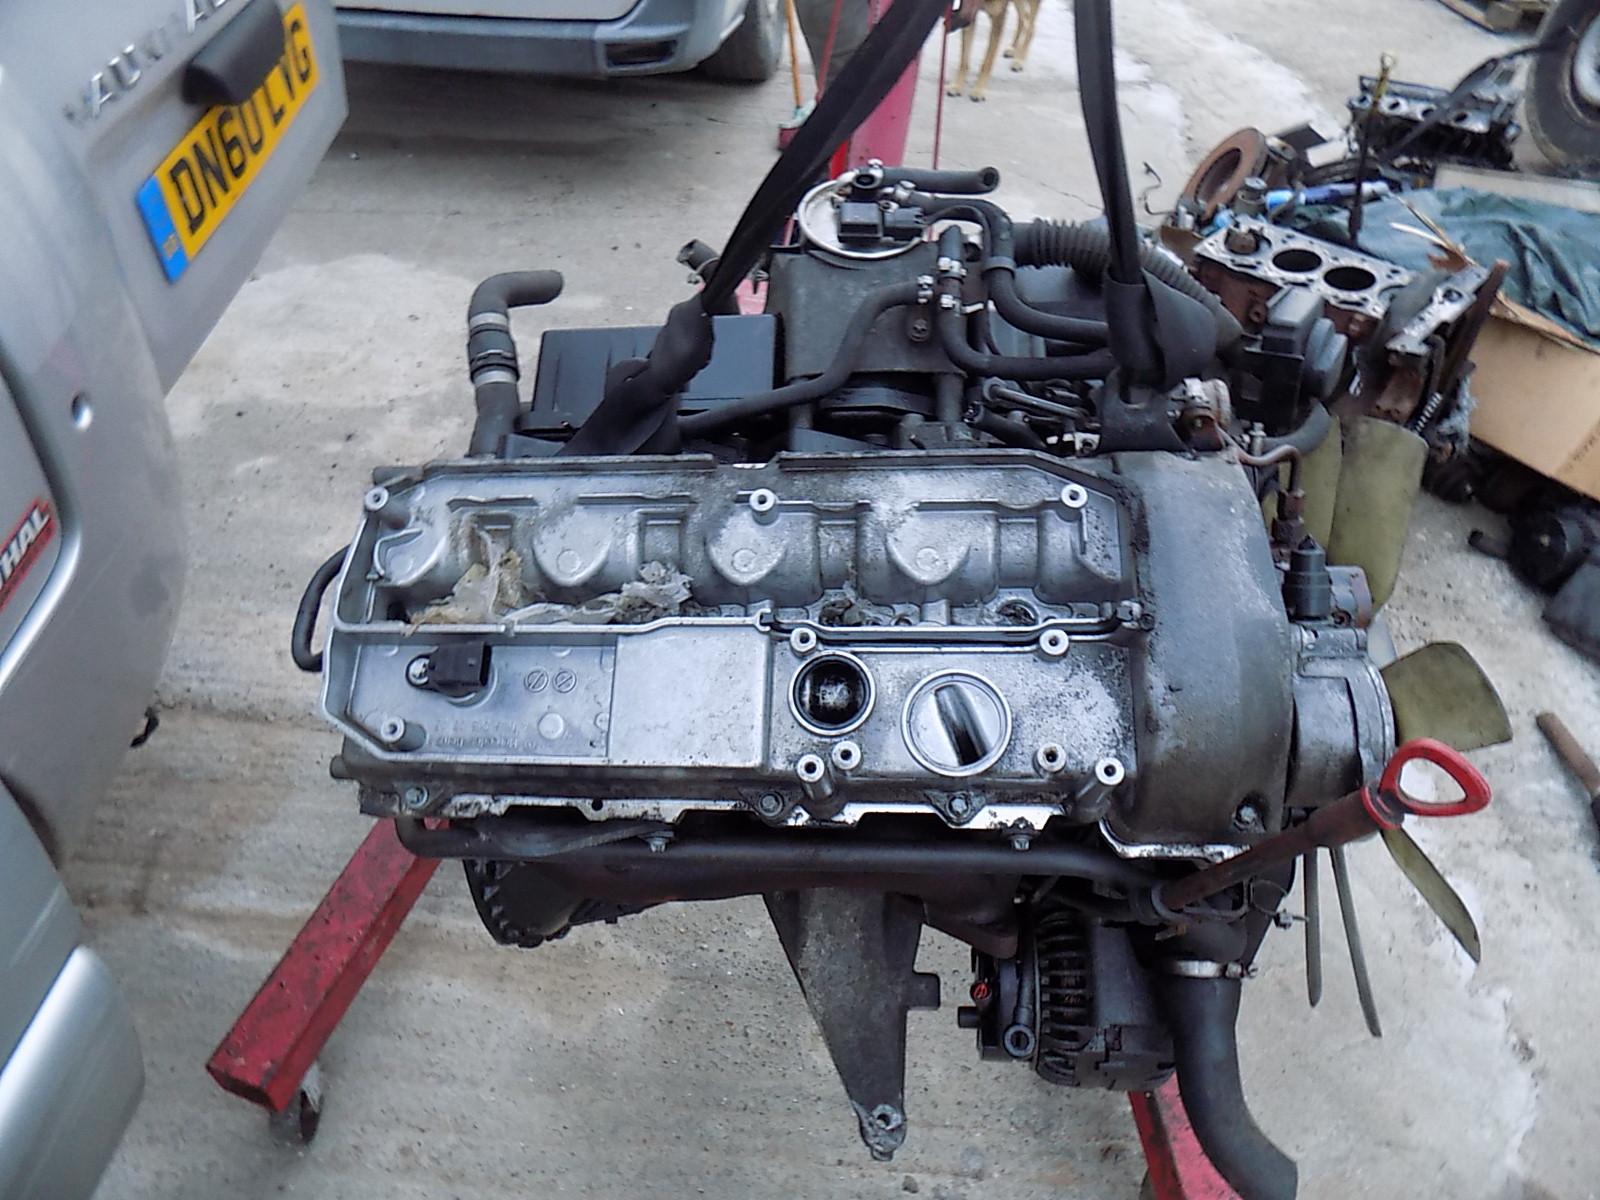 Motor mercedes vito an de fabricatie 2004,2.2 cdi